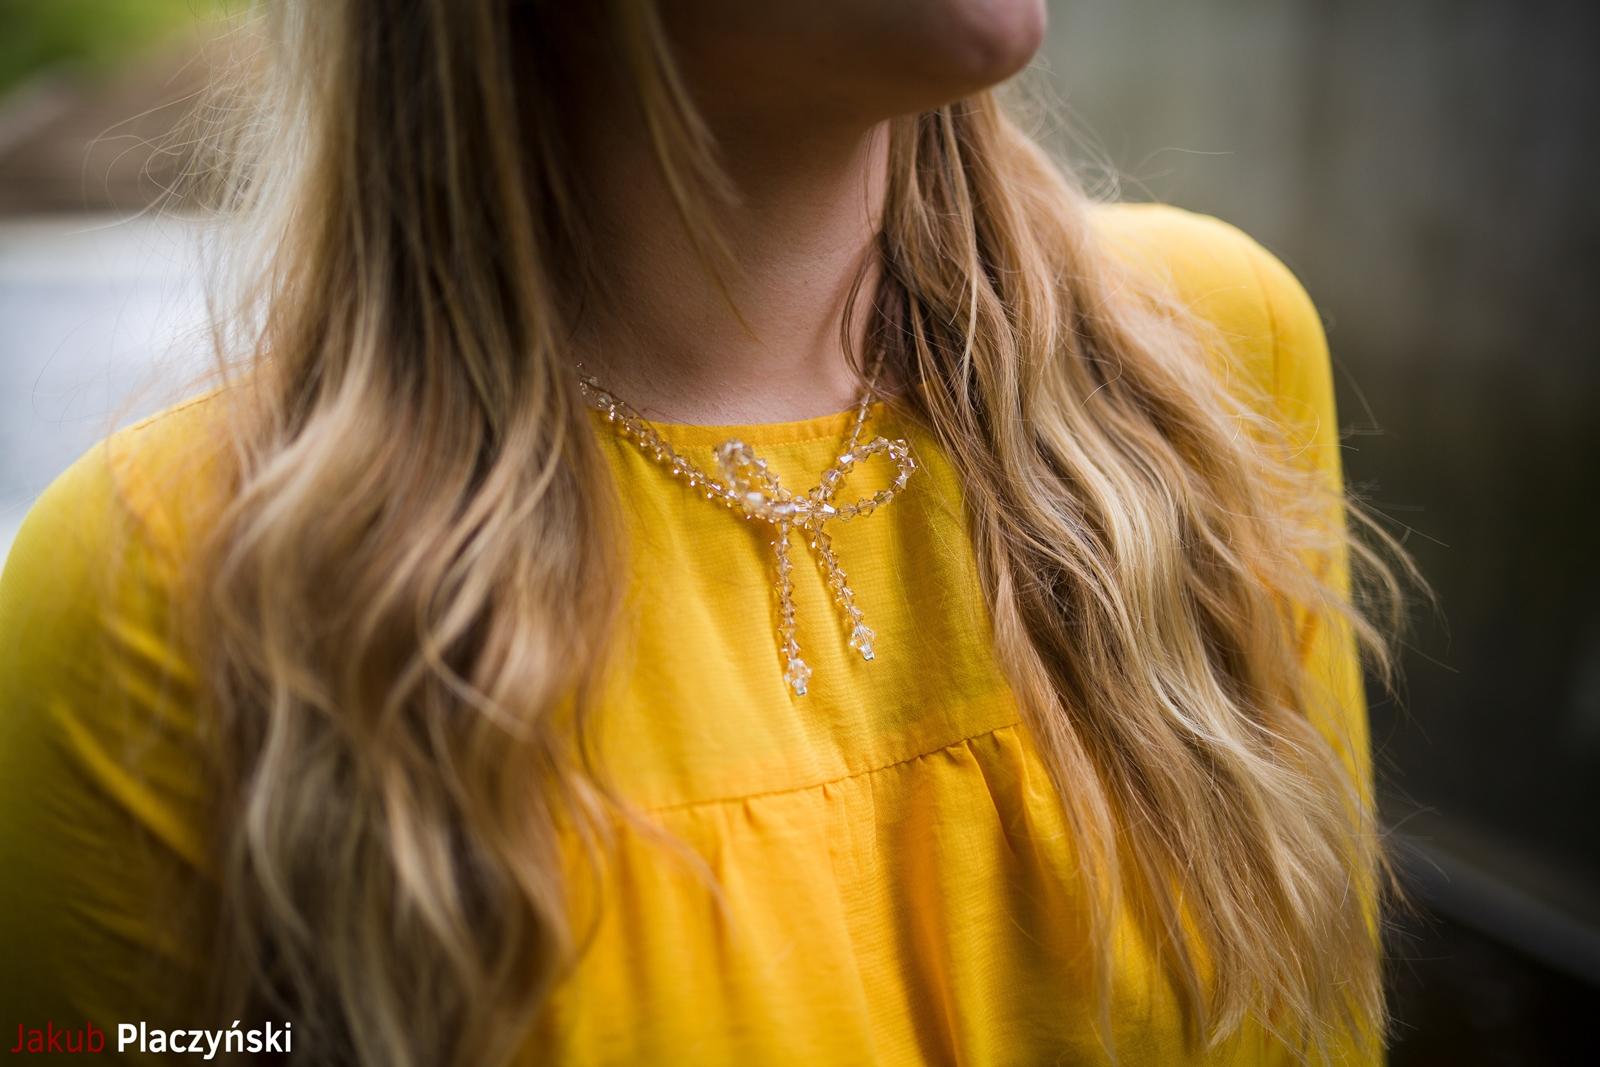 6 żółta sukienka na lato bonprix niebieskie espadryle z ananasem renee shoes reneegirls reneeshoes melodylaniella modnapolka lookbook ootd moda na lato biżuteria piotrowski swarovski